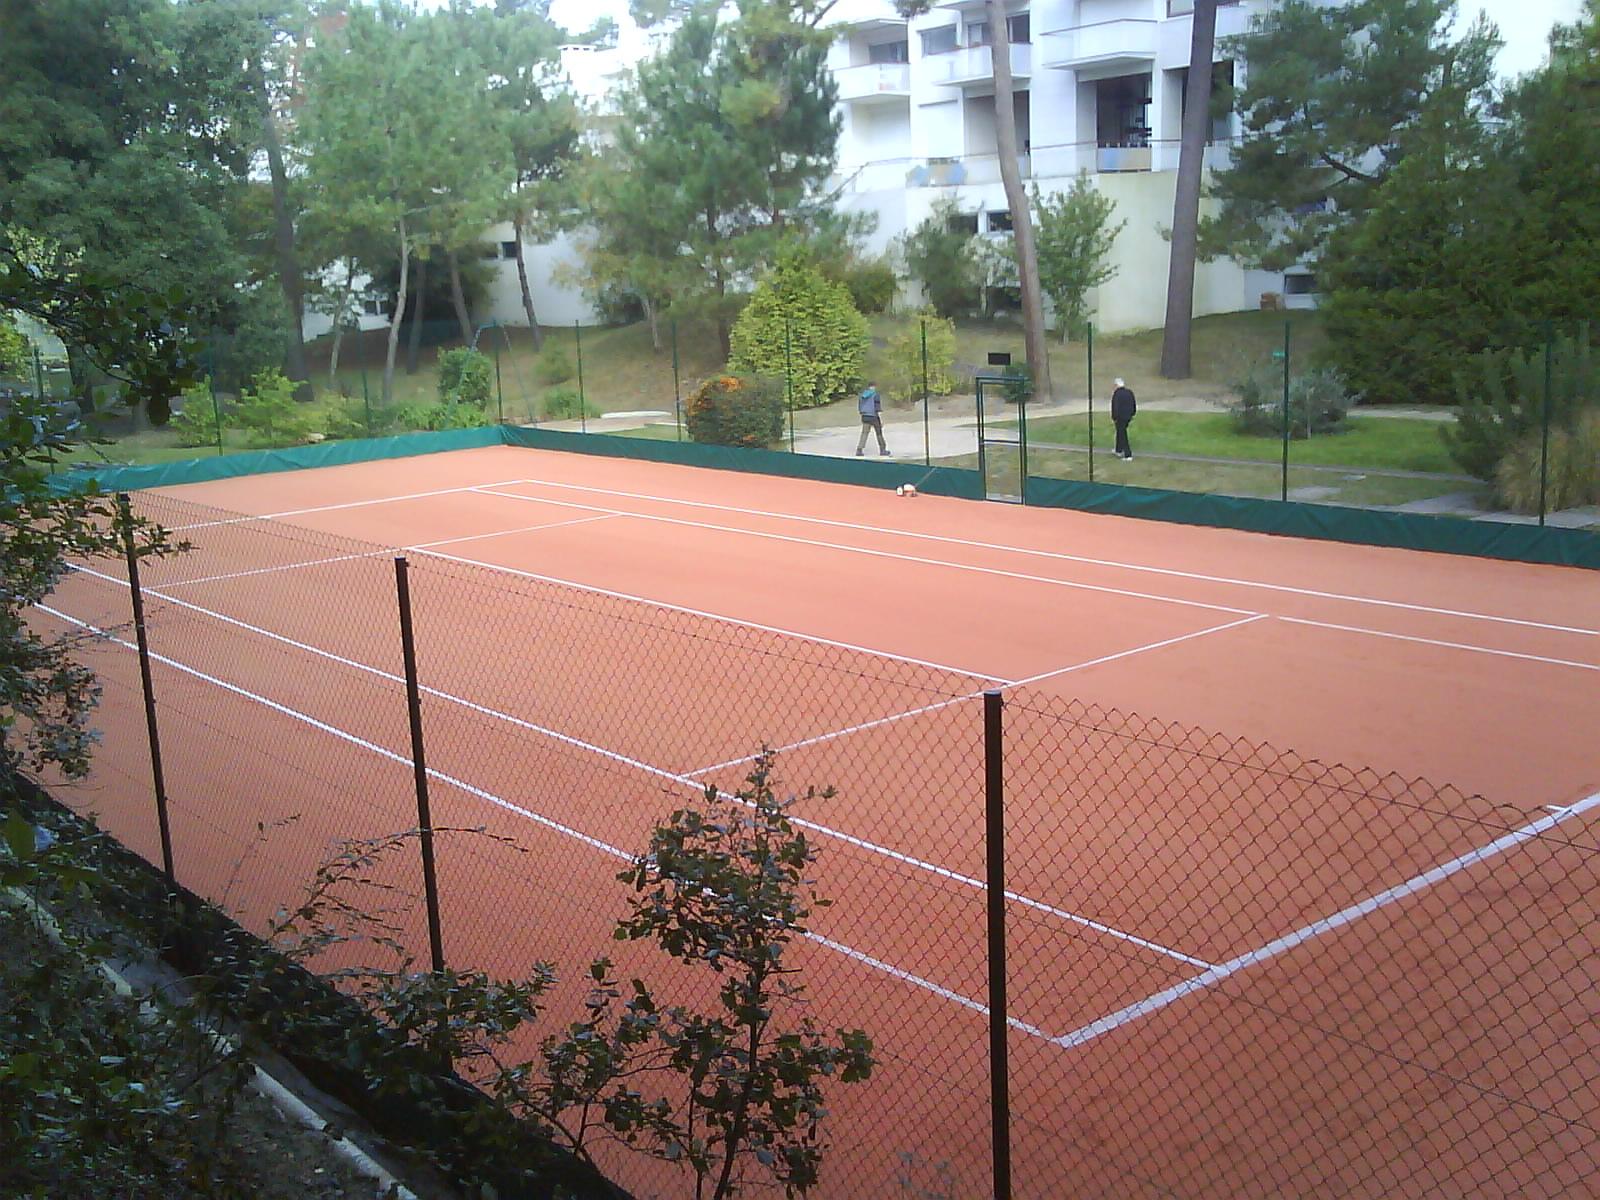 Gazon synthétique en terre battue - Rénovation terrain de tennis ...